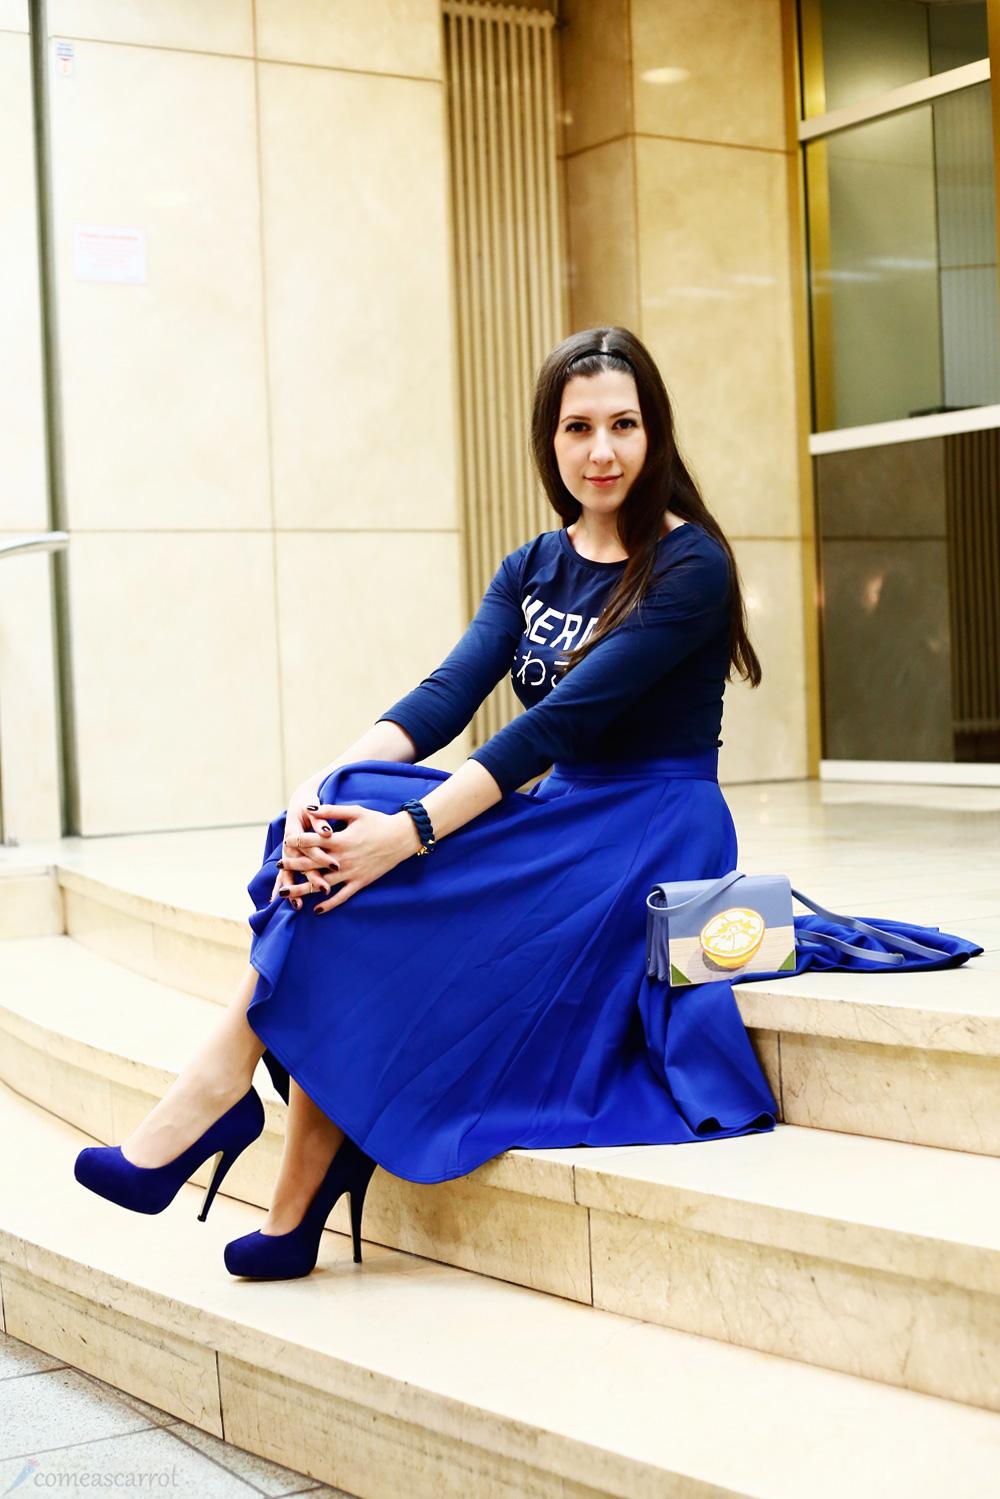 outfit_comeascarrot_blue_midi_benedetta_bruzziches_lemon_02-2